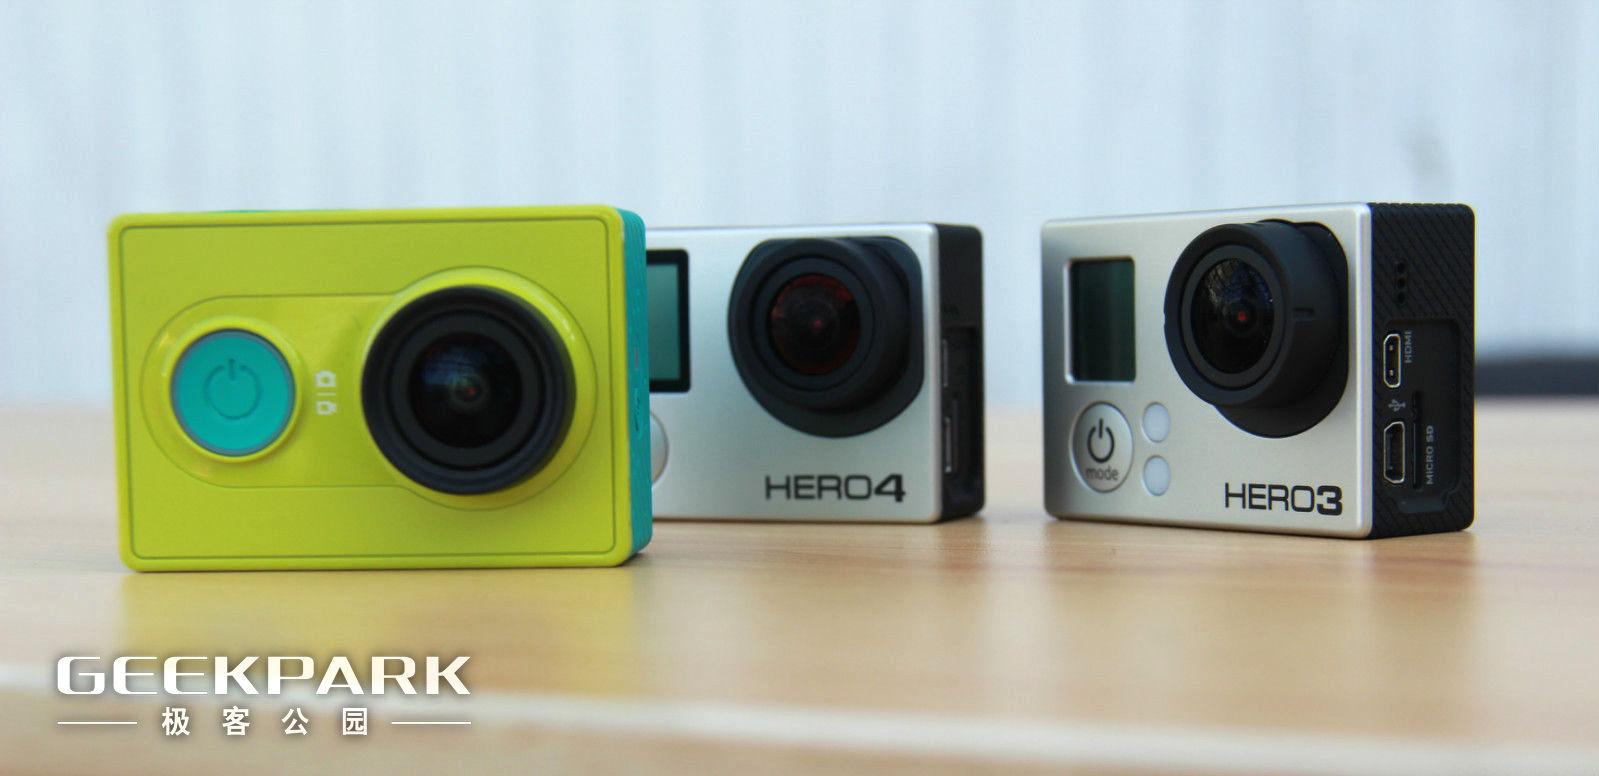 首发体验 | 小米的运动相机与GoPro能比吗?